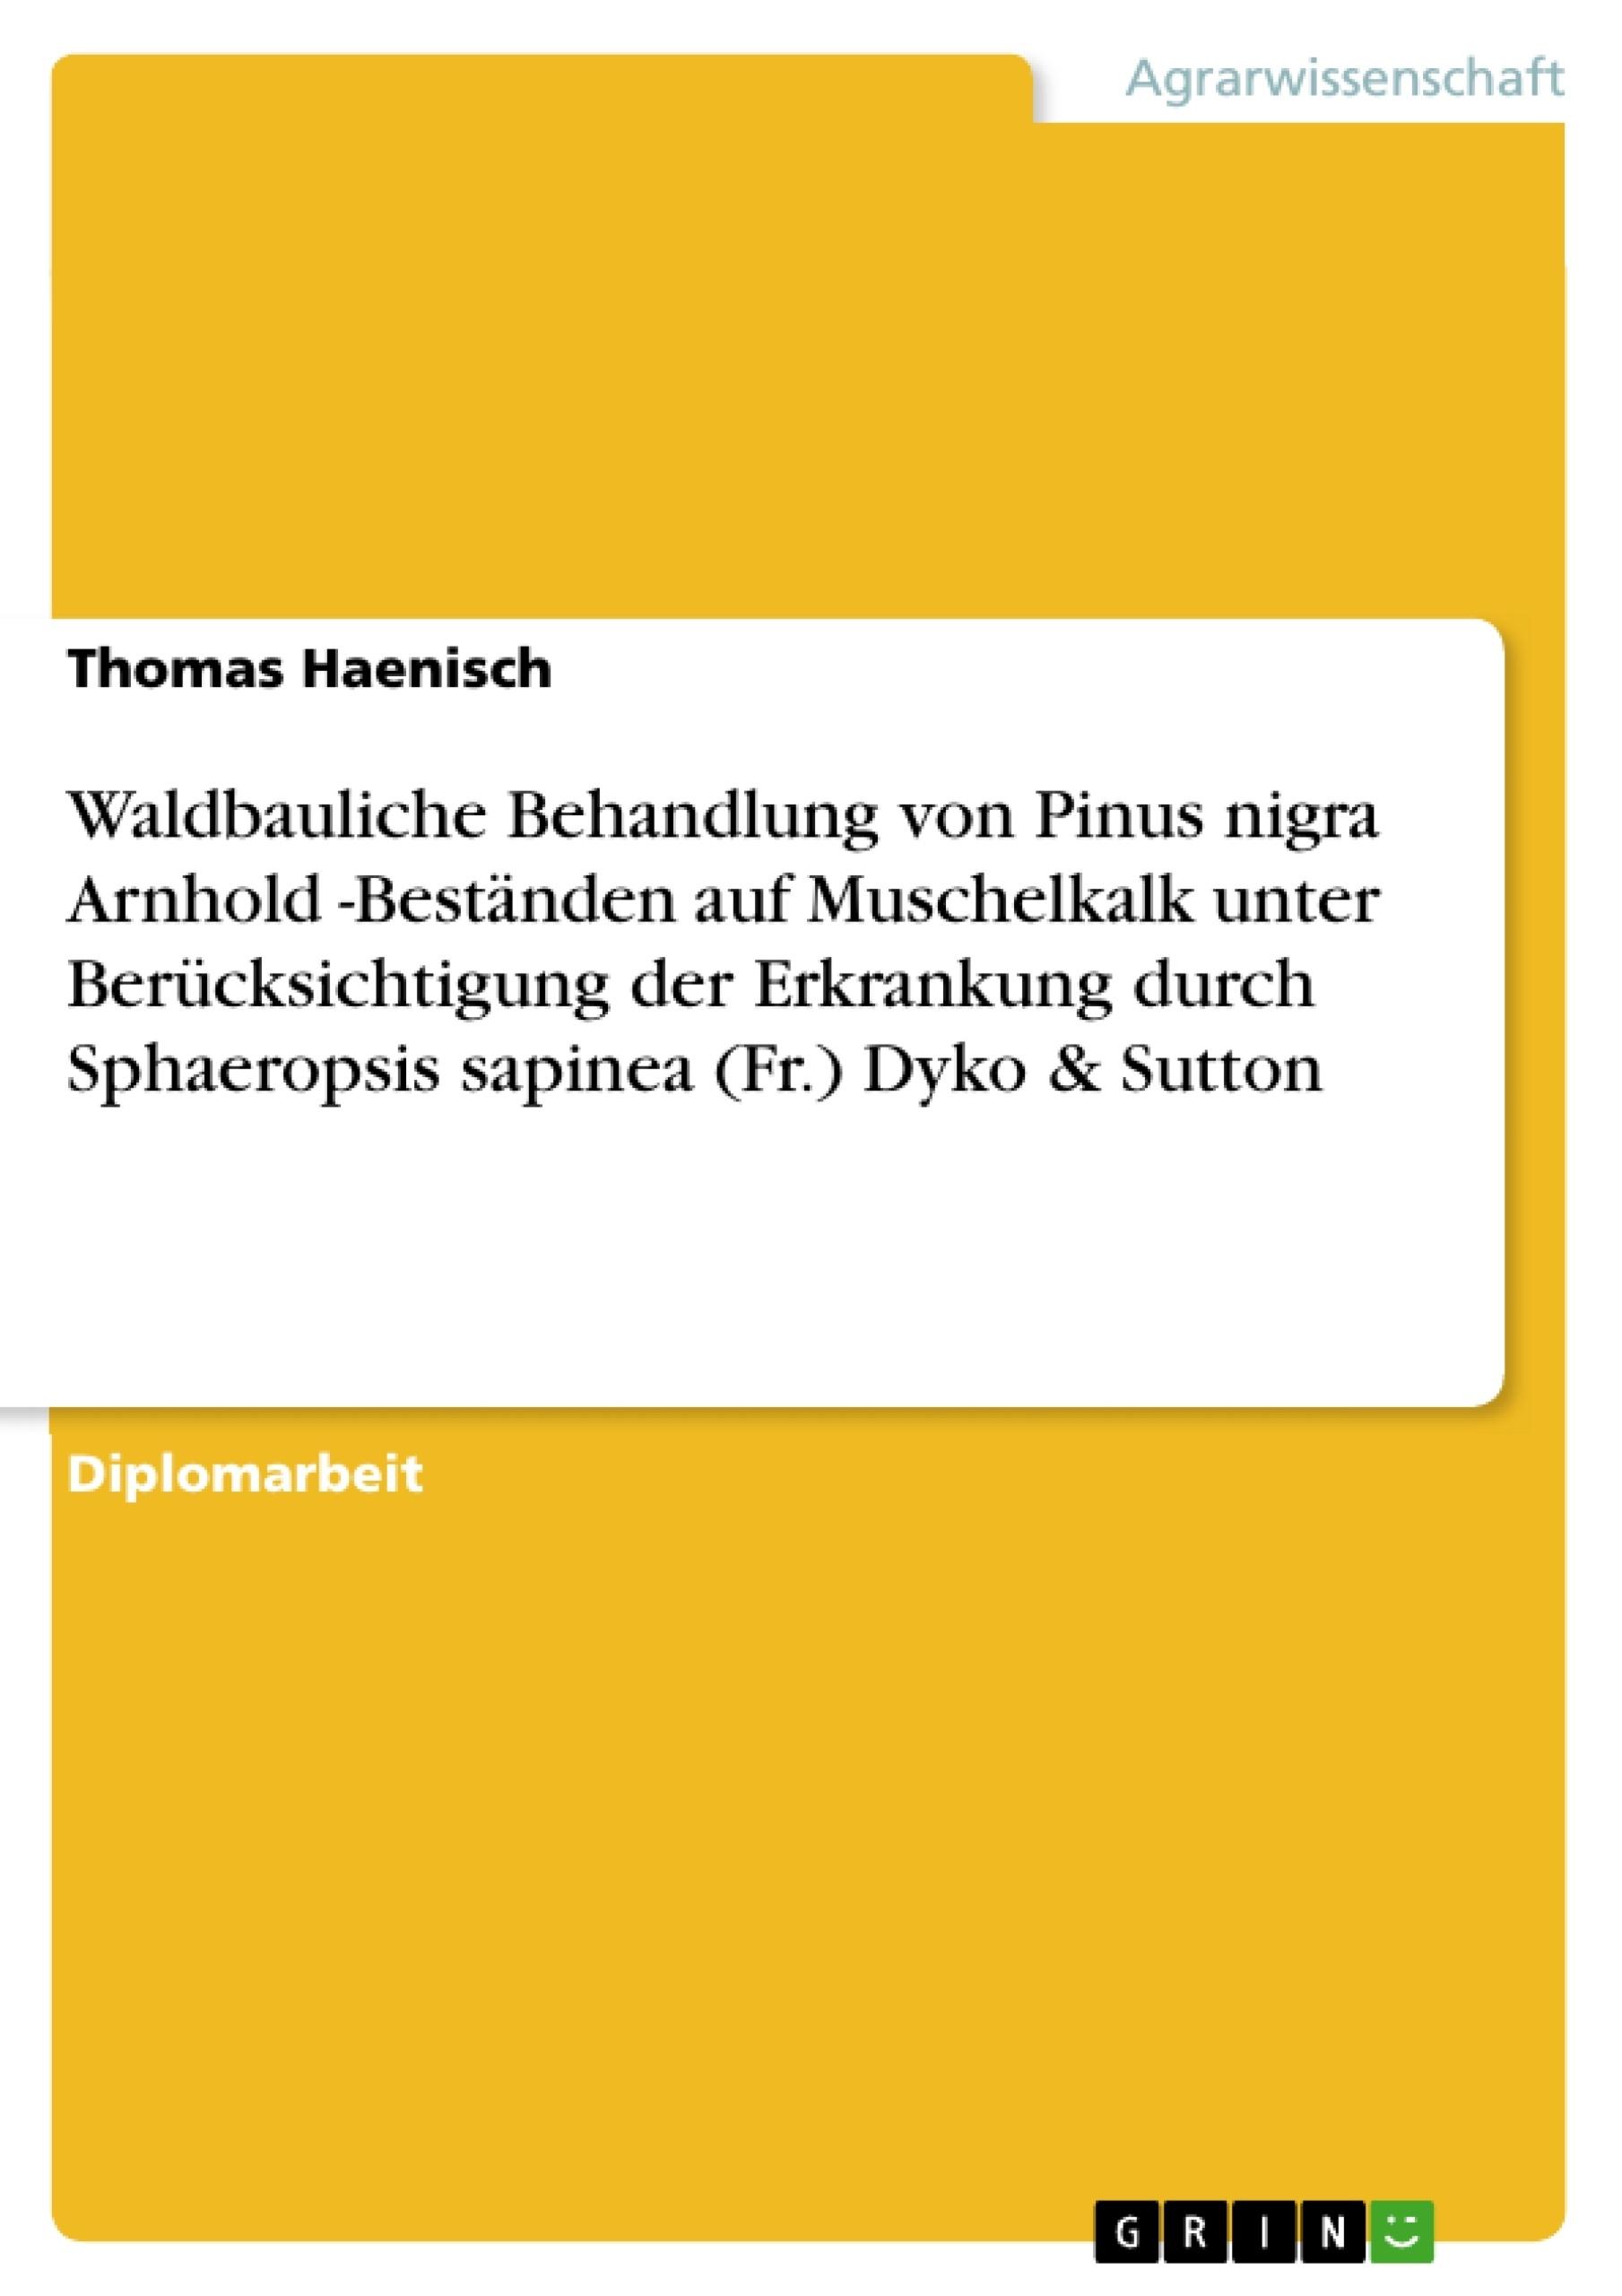 Titel: Waldbauliche Behandlung von Pinus nigra Arnhold -Beständen auf Muschelkalk unter Berücksichtigung der Erkrankung durch Sphaeropsis sapinea (Fr.) Dyko & Sutton